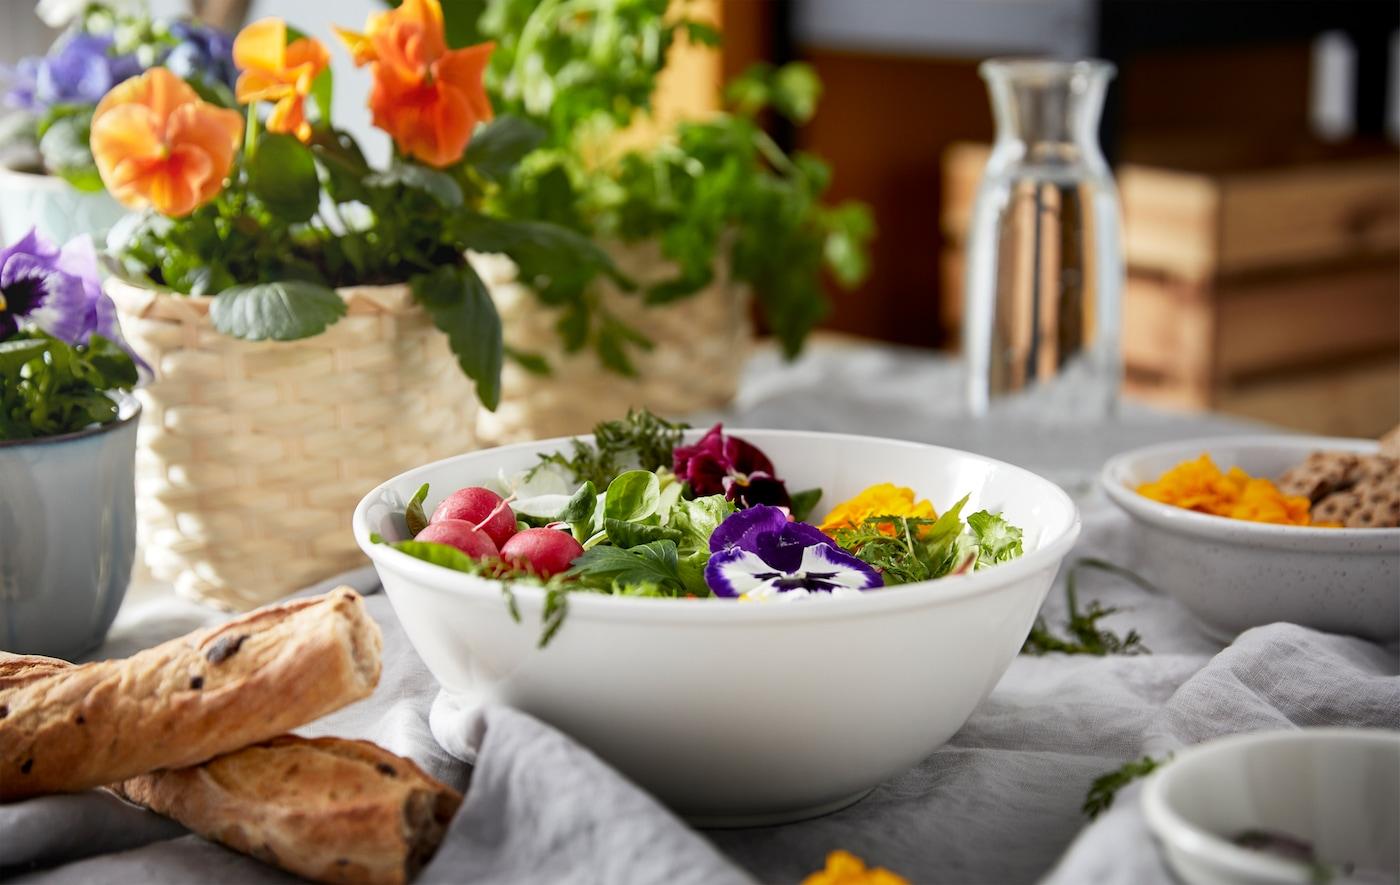 Uma mesa de pequeno-almoço com diferentes tipos de pão, um vaso de flores e uma taça com verduras coloridas.